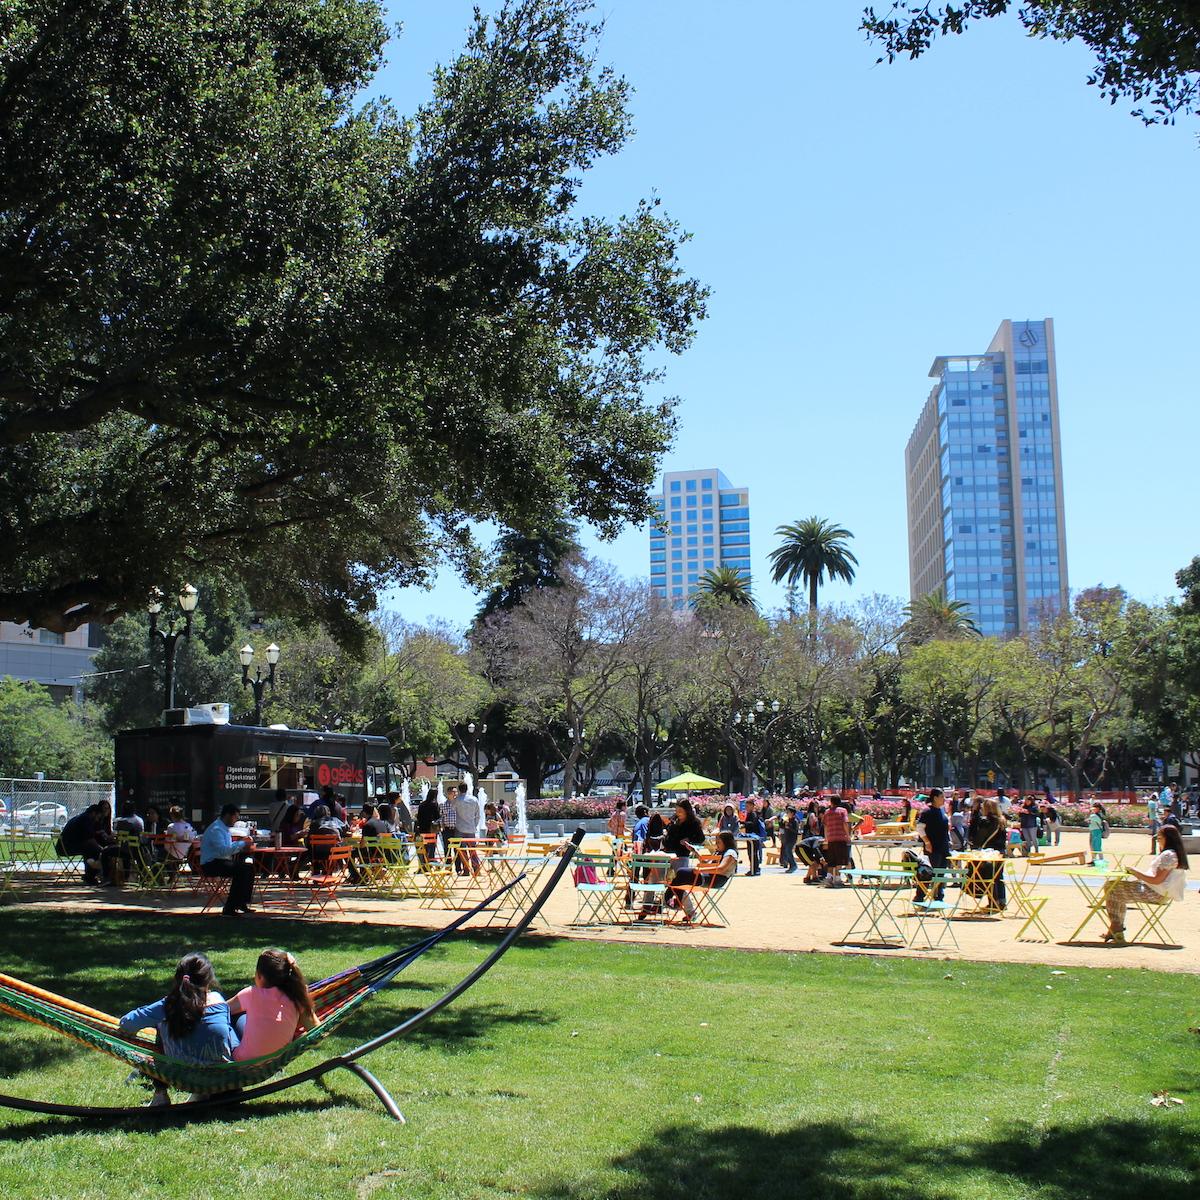 Cesar Chavez Park in San Jose, California.